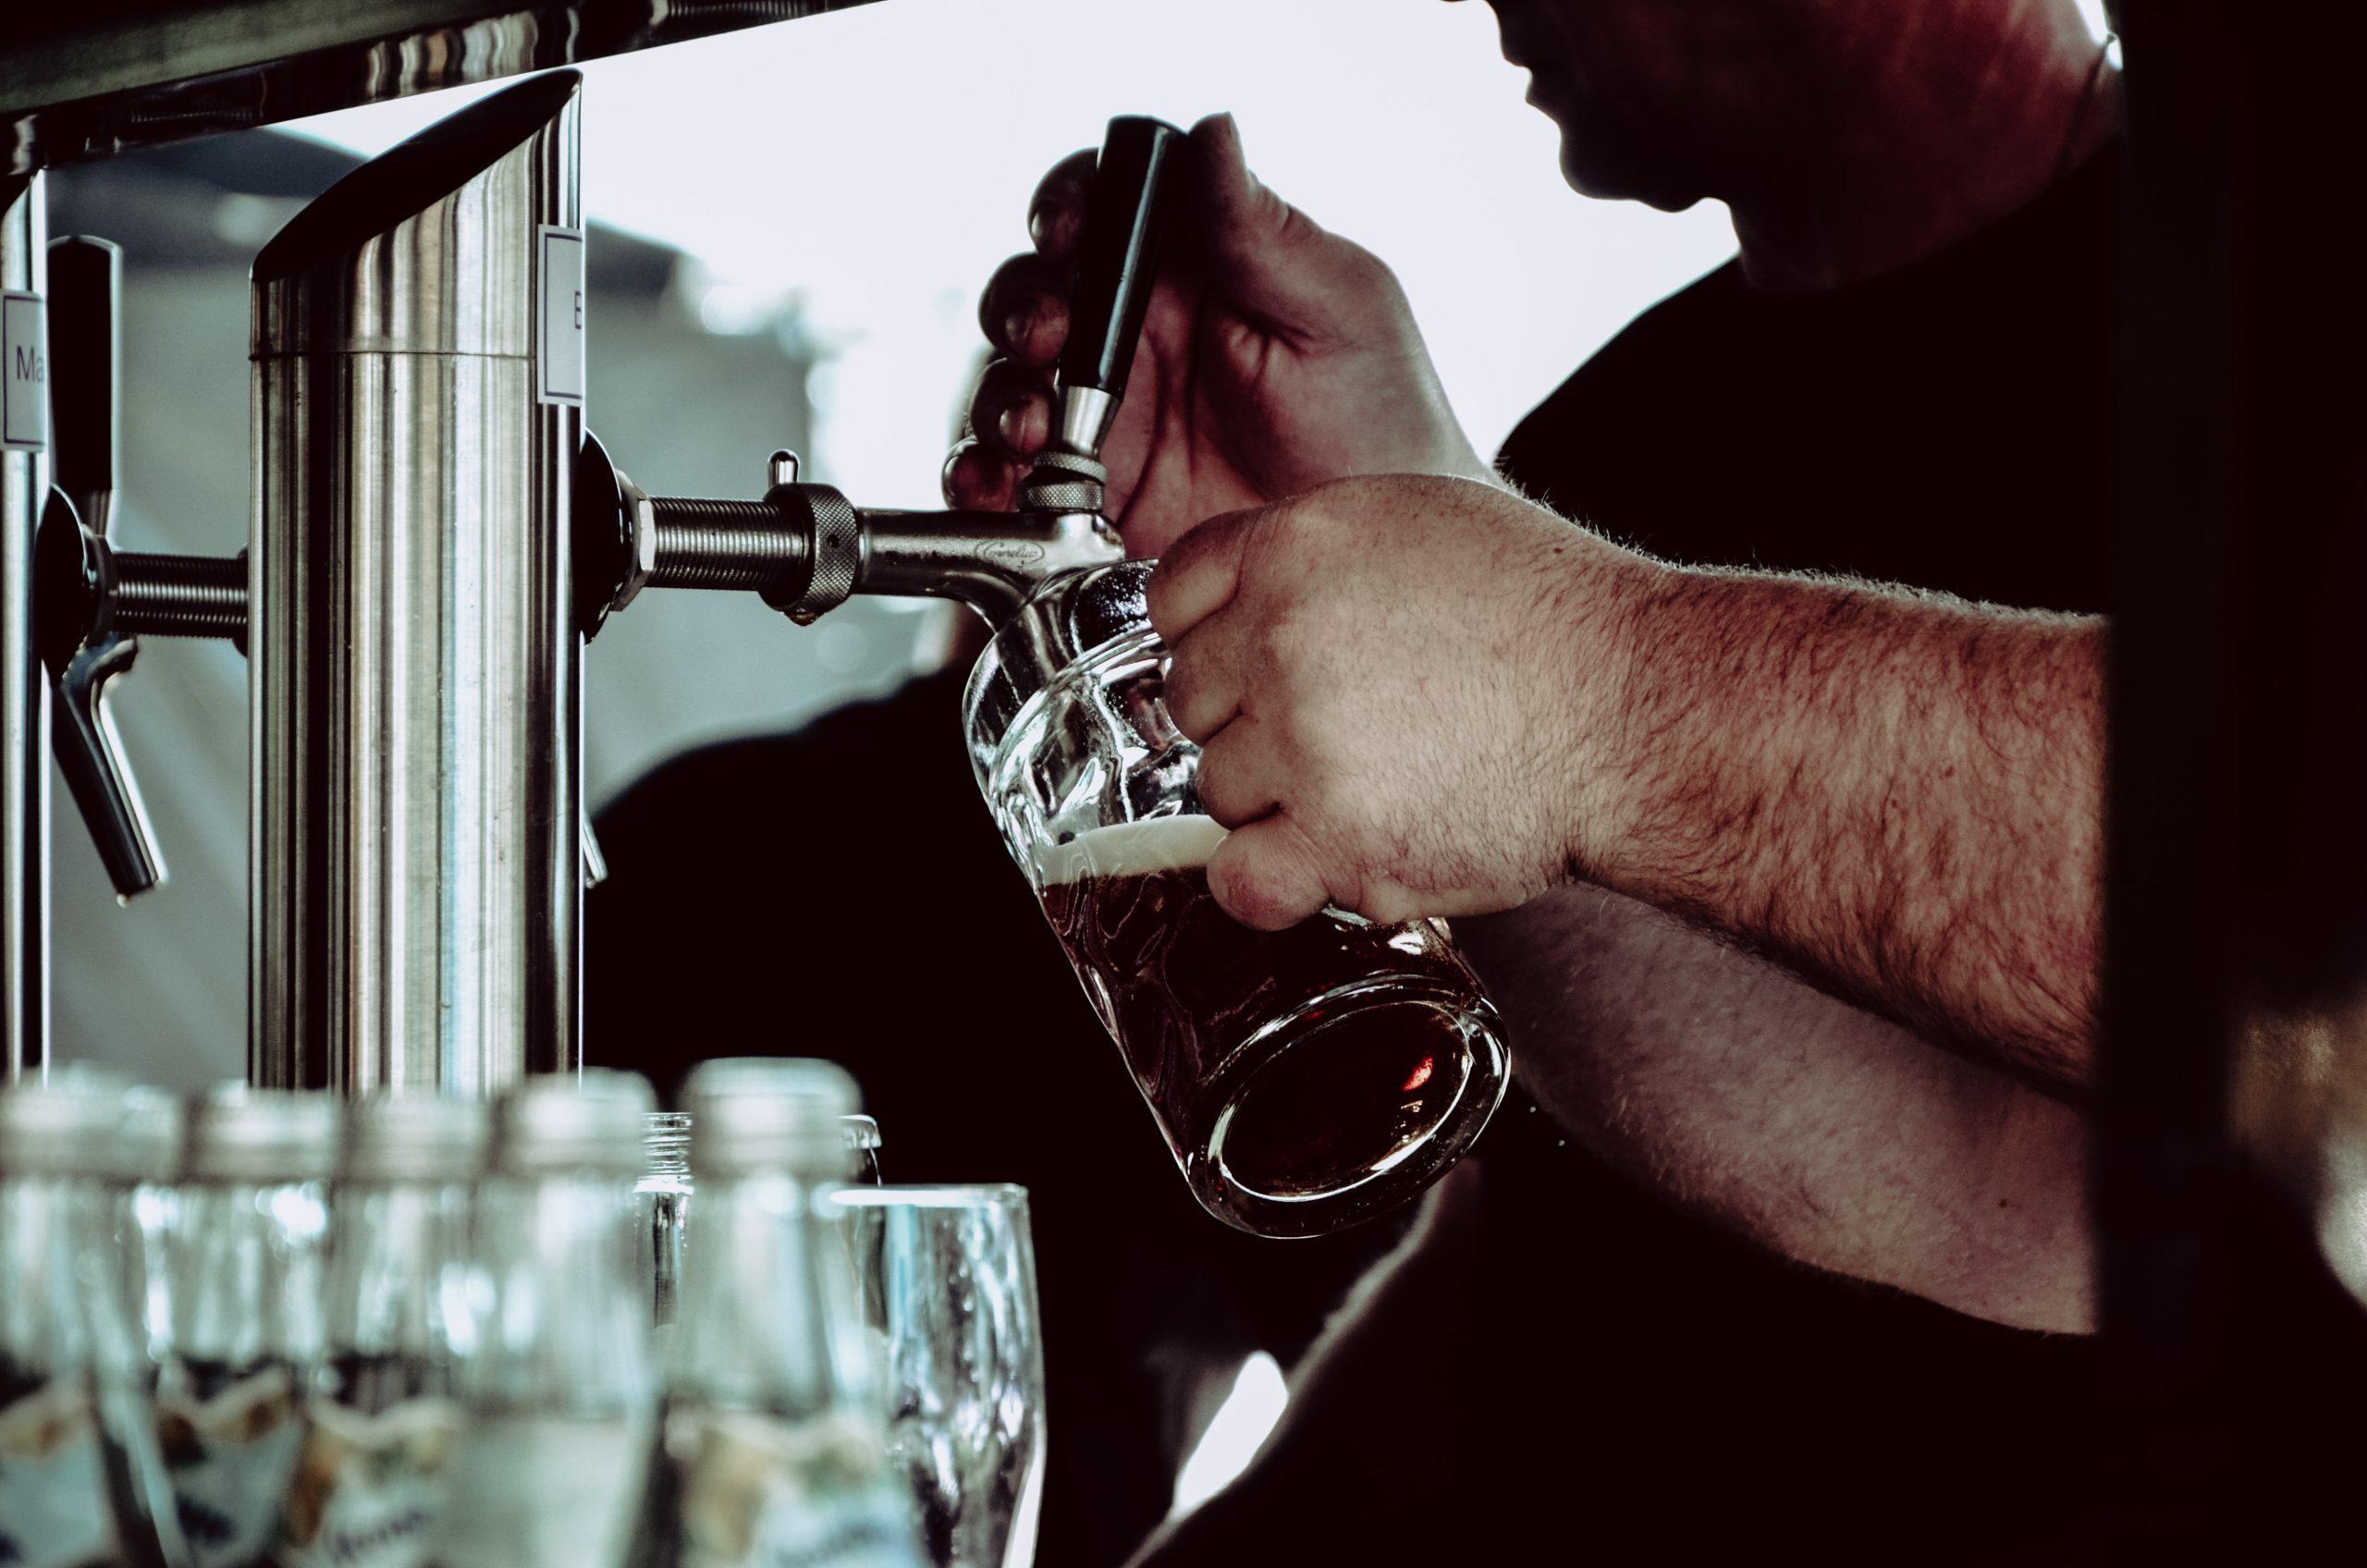 Imagem mostra uma chopeira elétrica em foco seletivo, enquanto um homem, representado apenas por seus braços, opera a torneira e serve um chopp numa caneca de vidro.